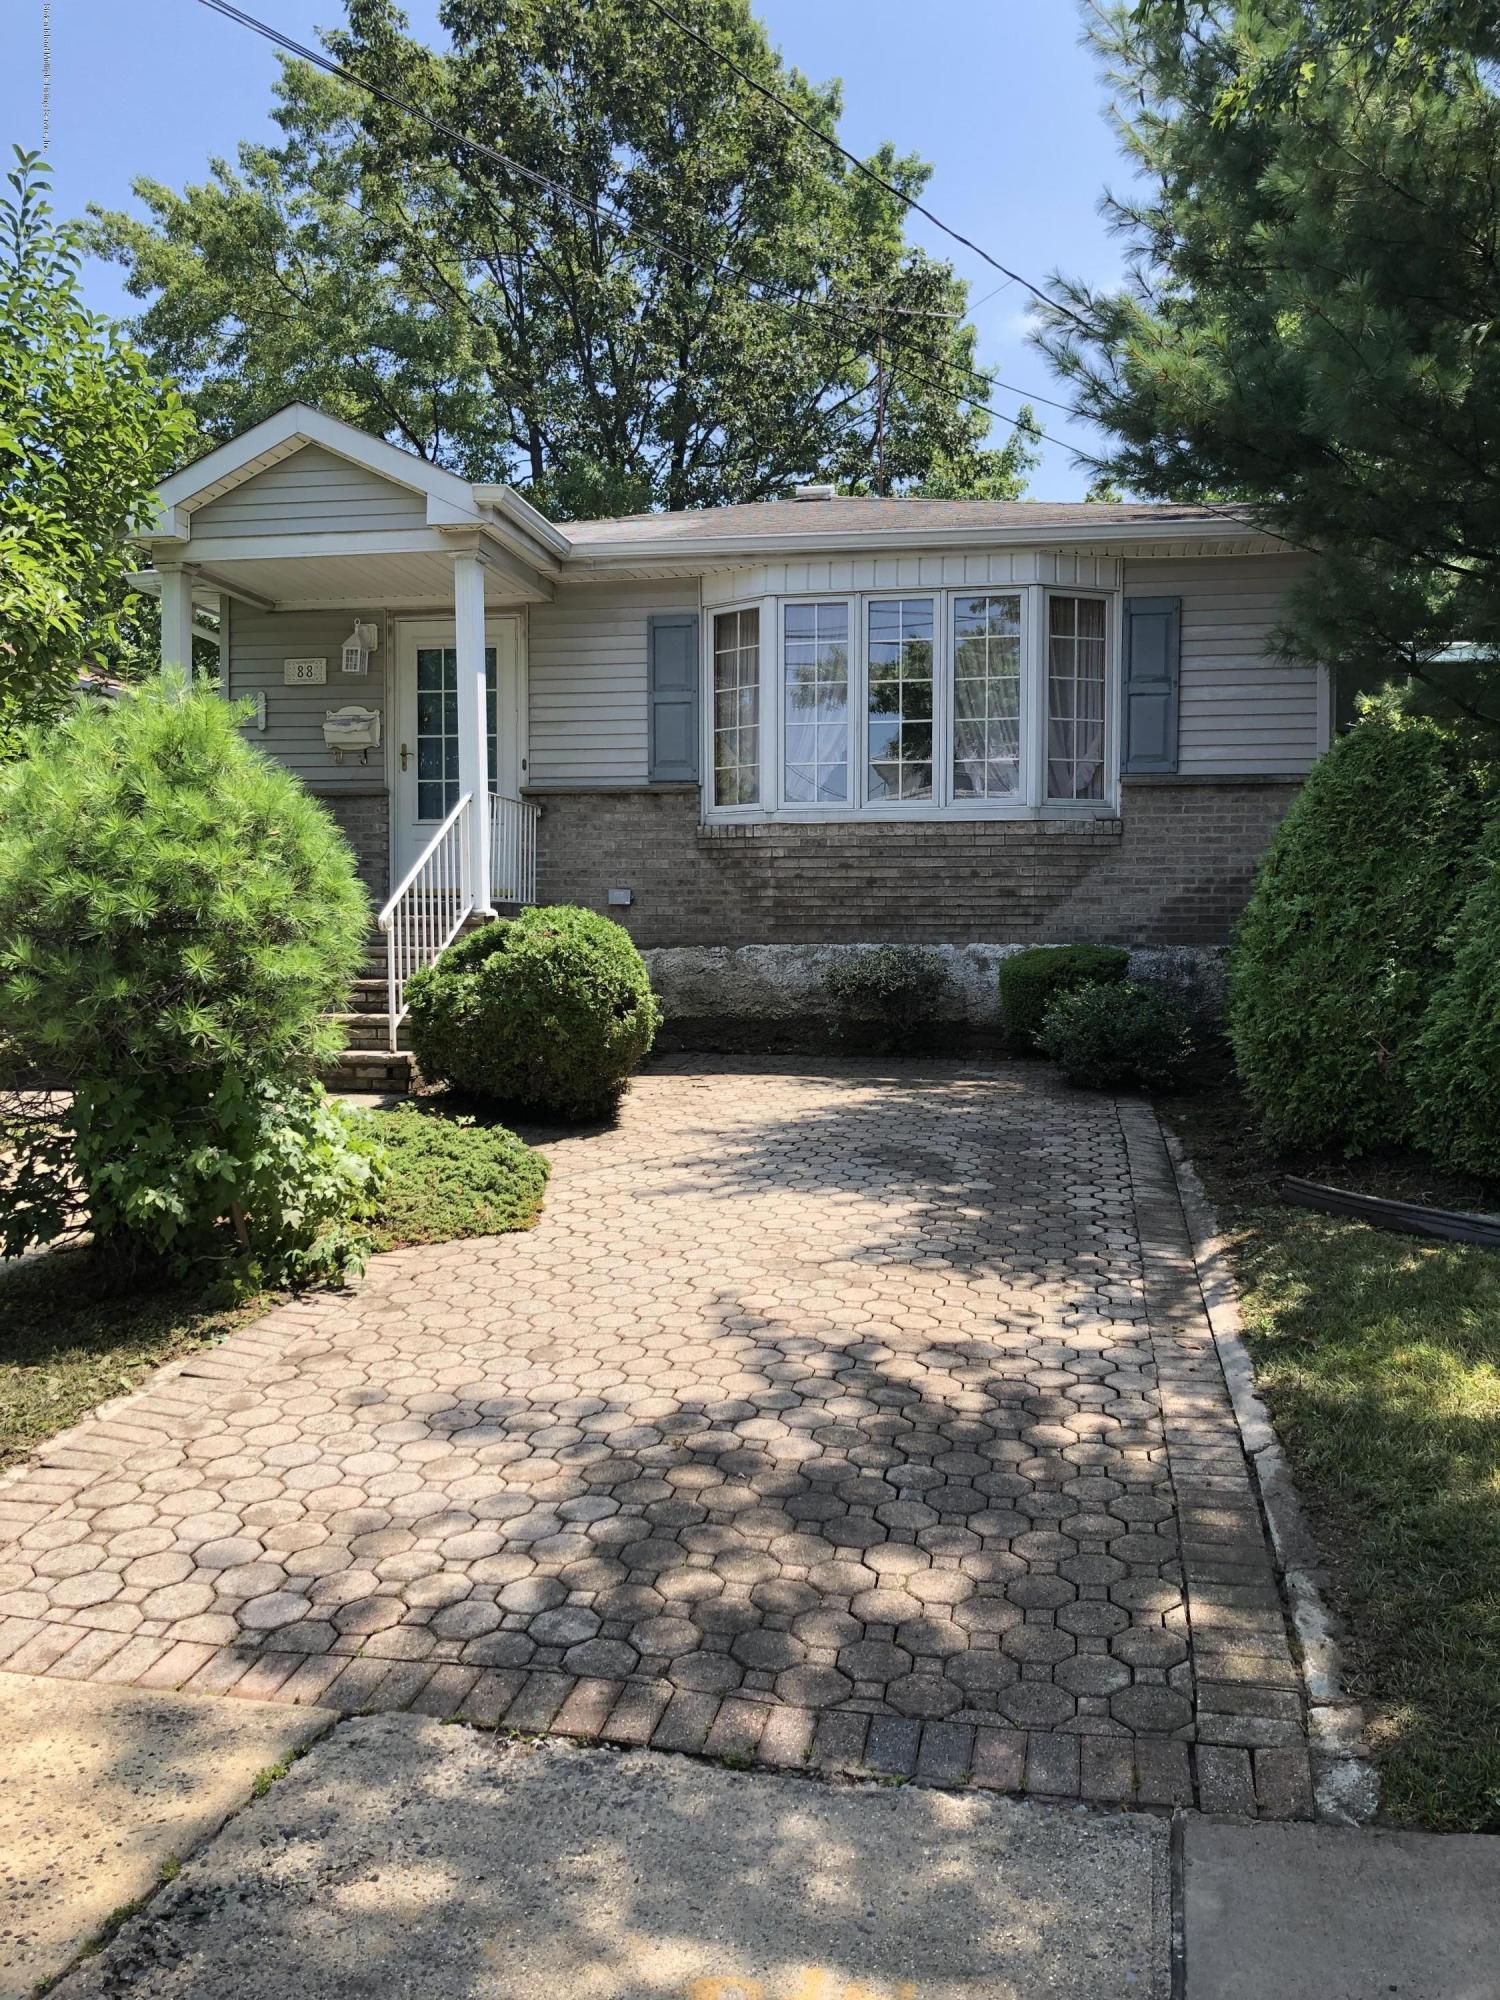 Single Family - Detached 88 Leverett Avenue  Staten Island, NY 10308, MLS-1131026-2